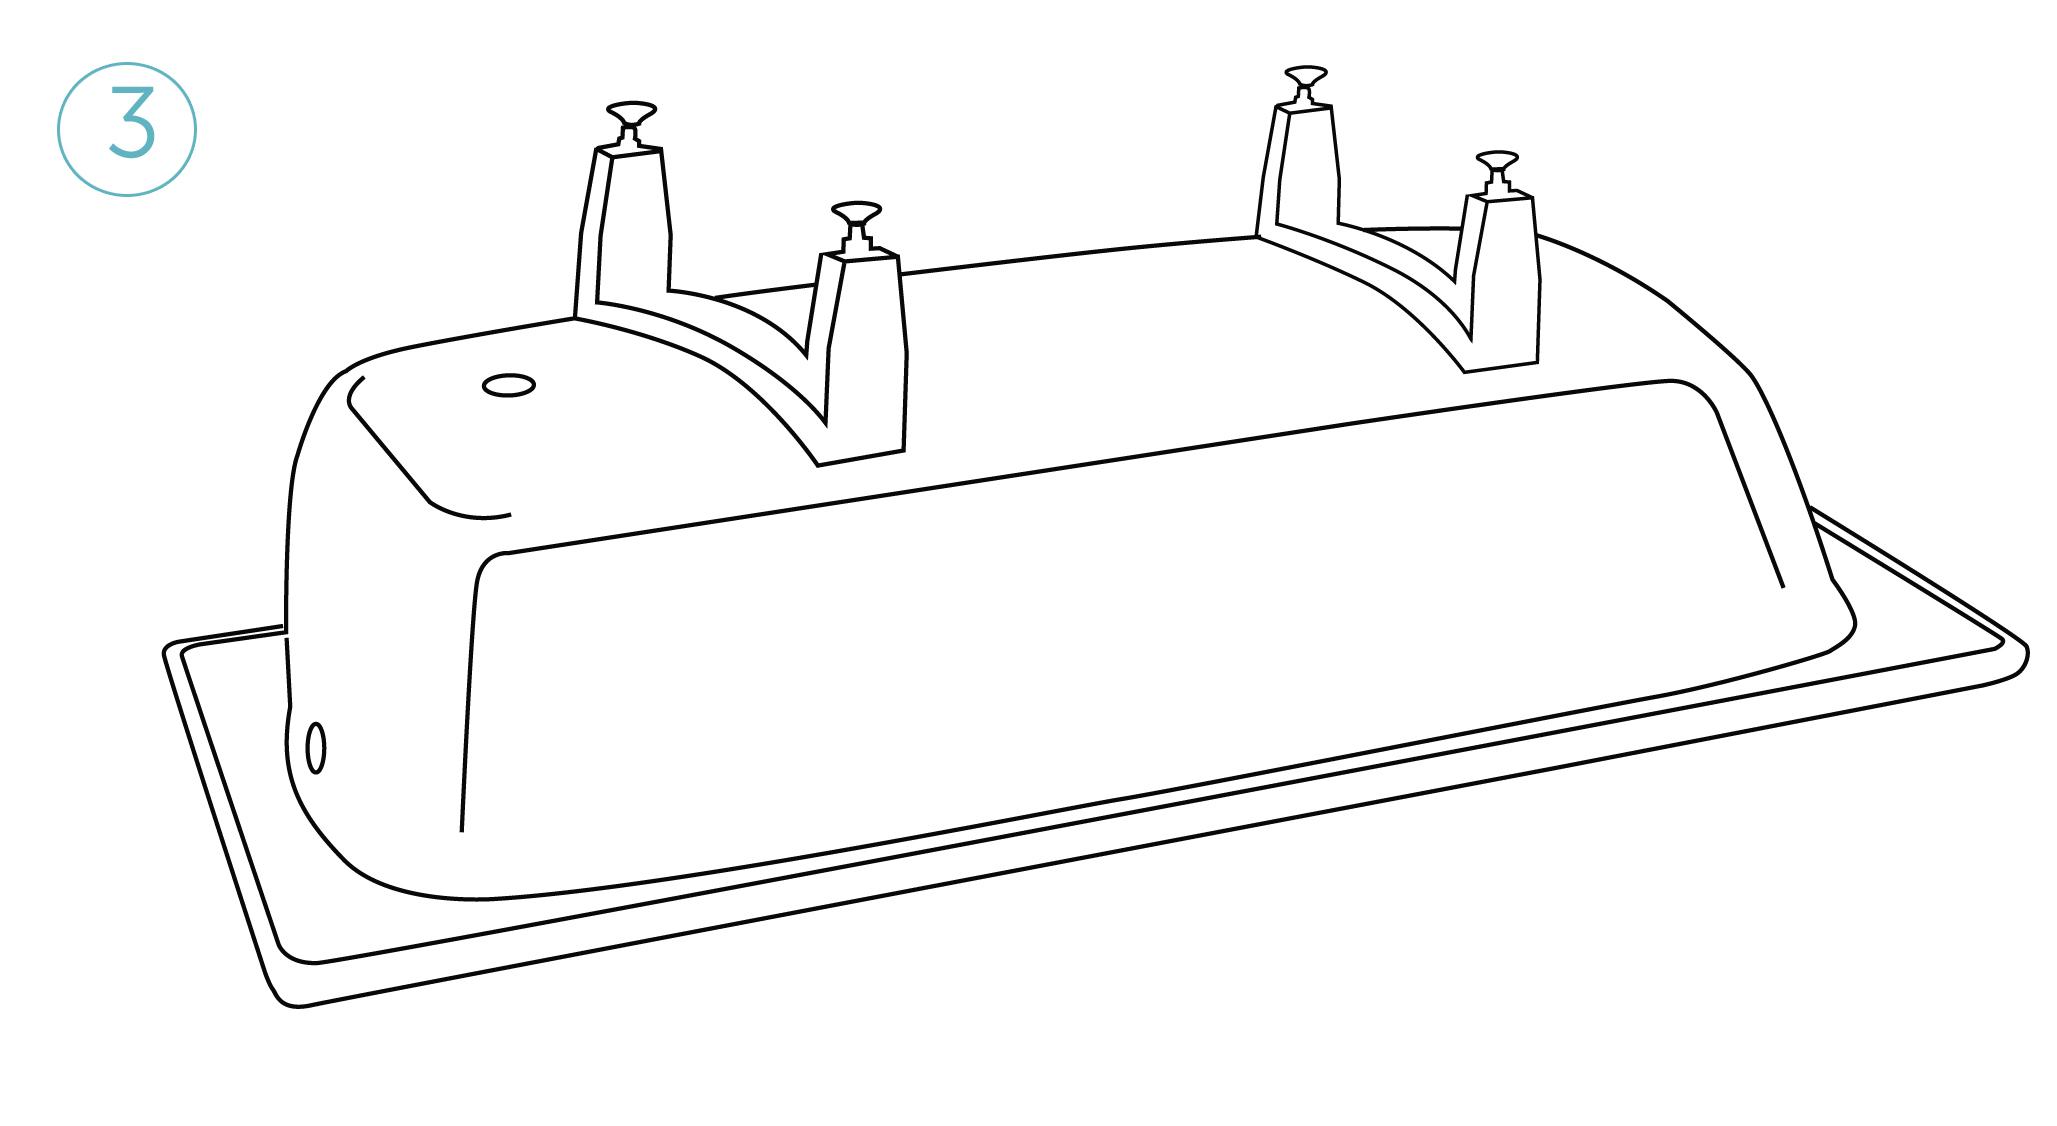 Установите ножки на ванну: снимите защитную пленку с самоклеющихся элементов,предварительно разогрев их строительным феном, плотно прижмите опоры к ванне.